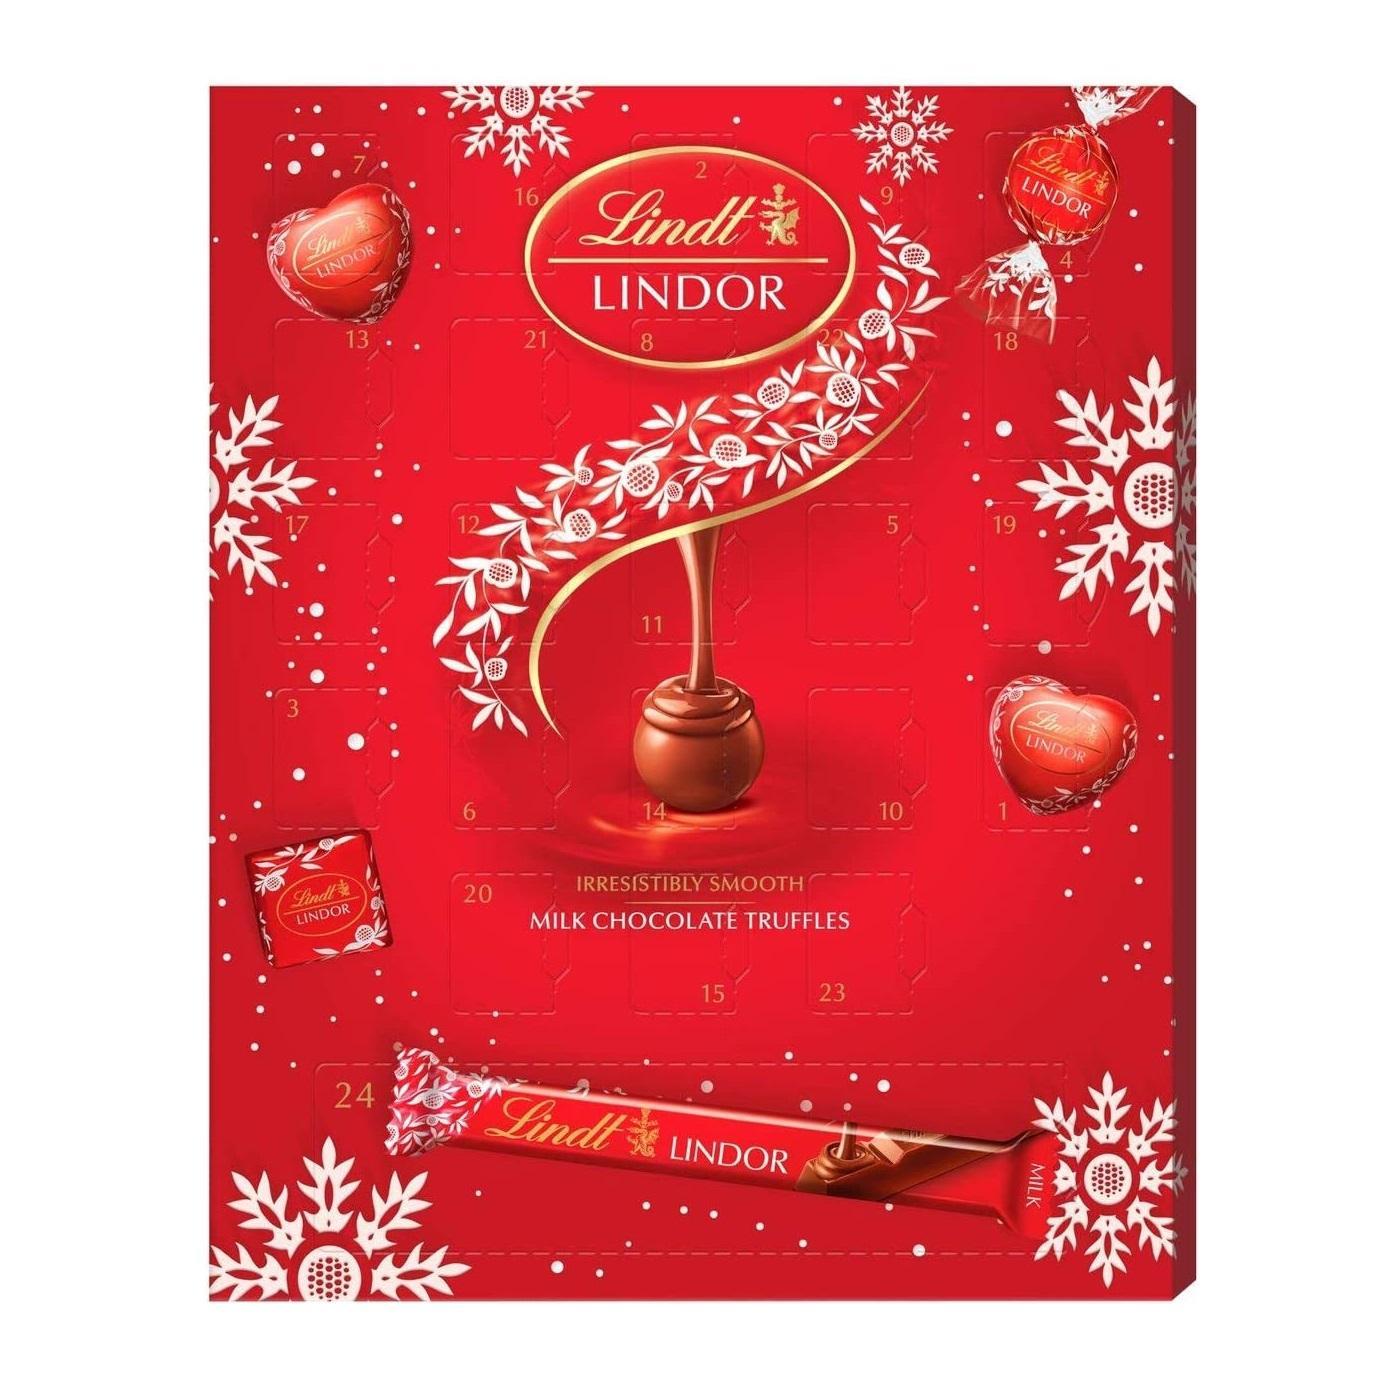 3件9折!Lindt 瑞士莲 圣诞巧克力礼盒套装